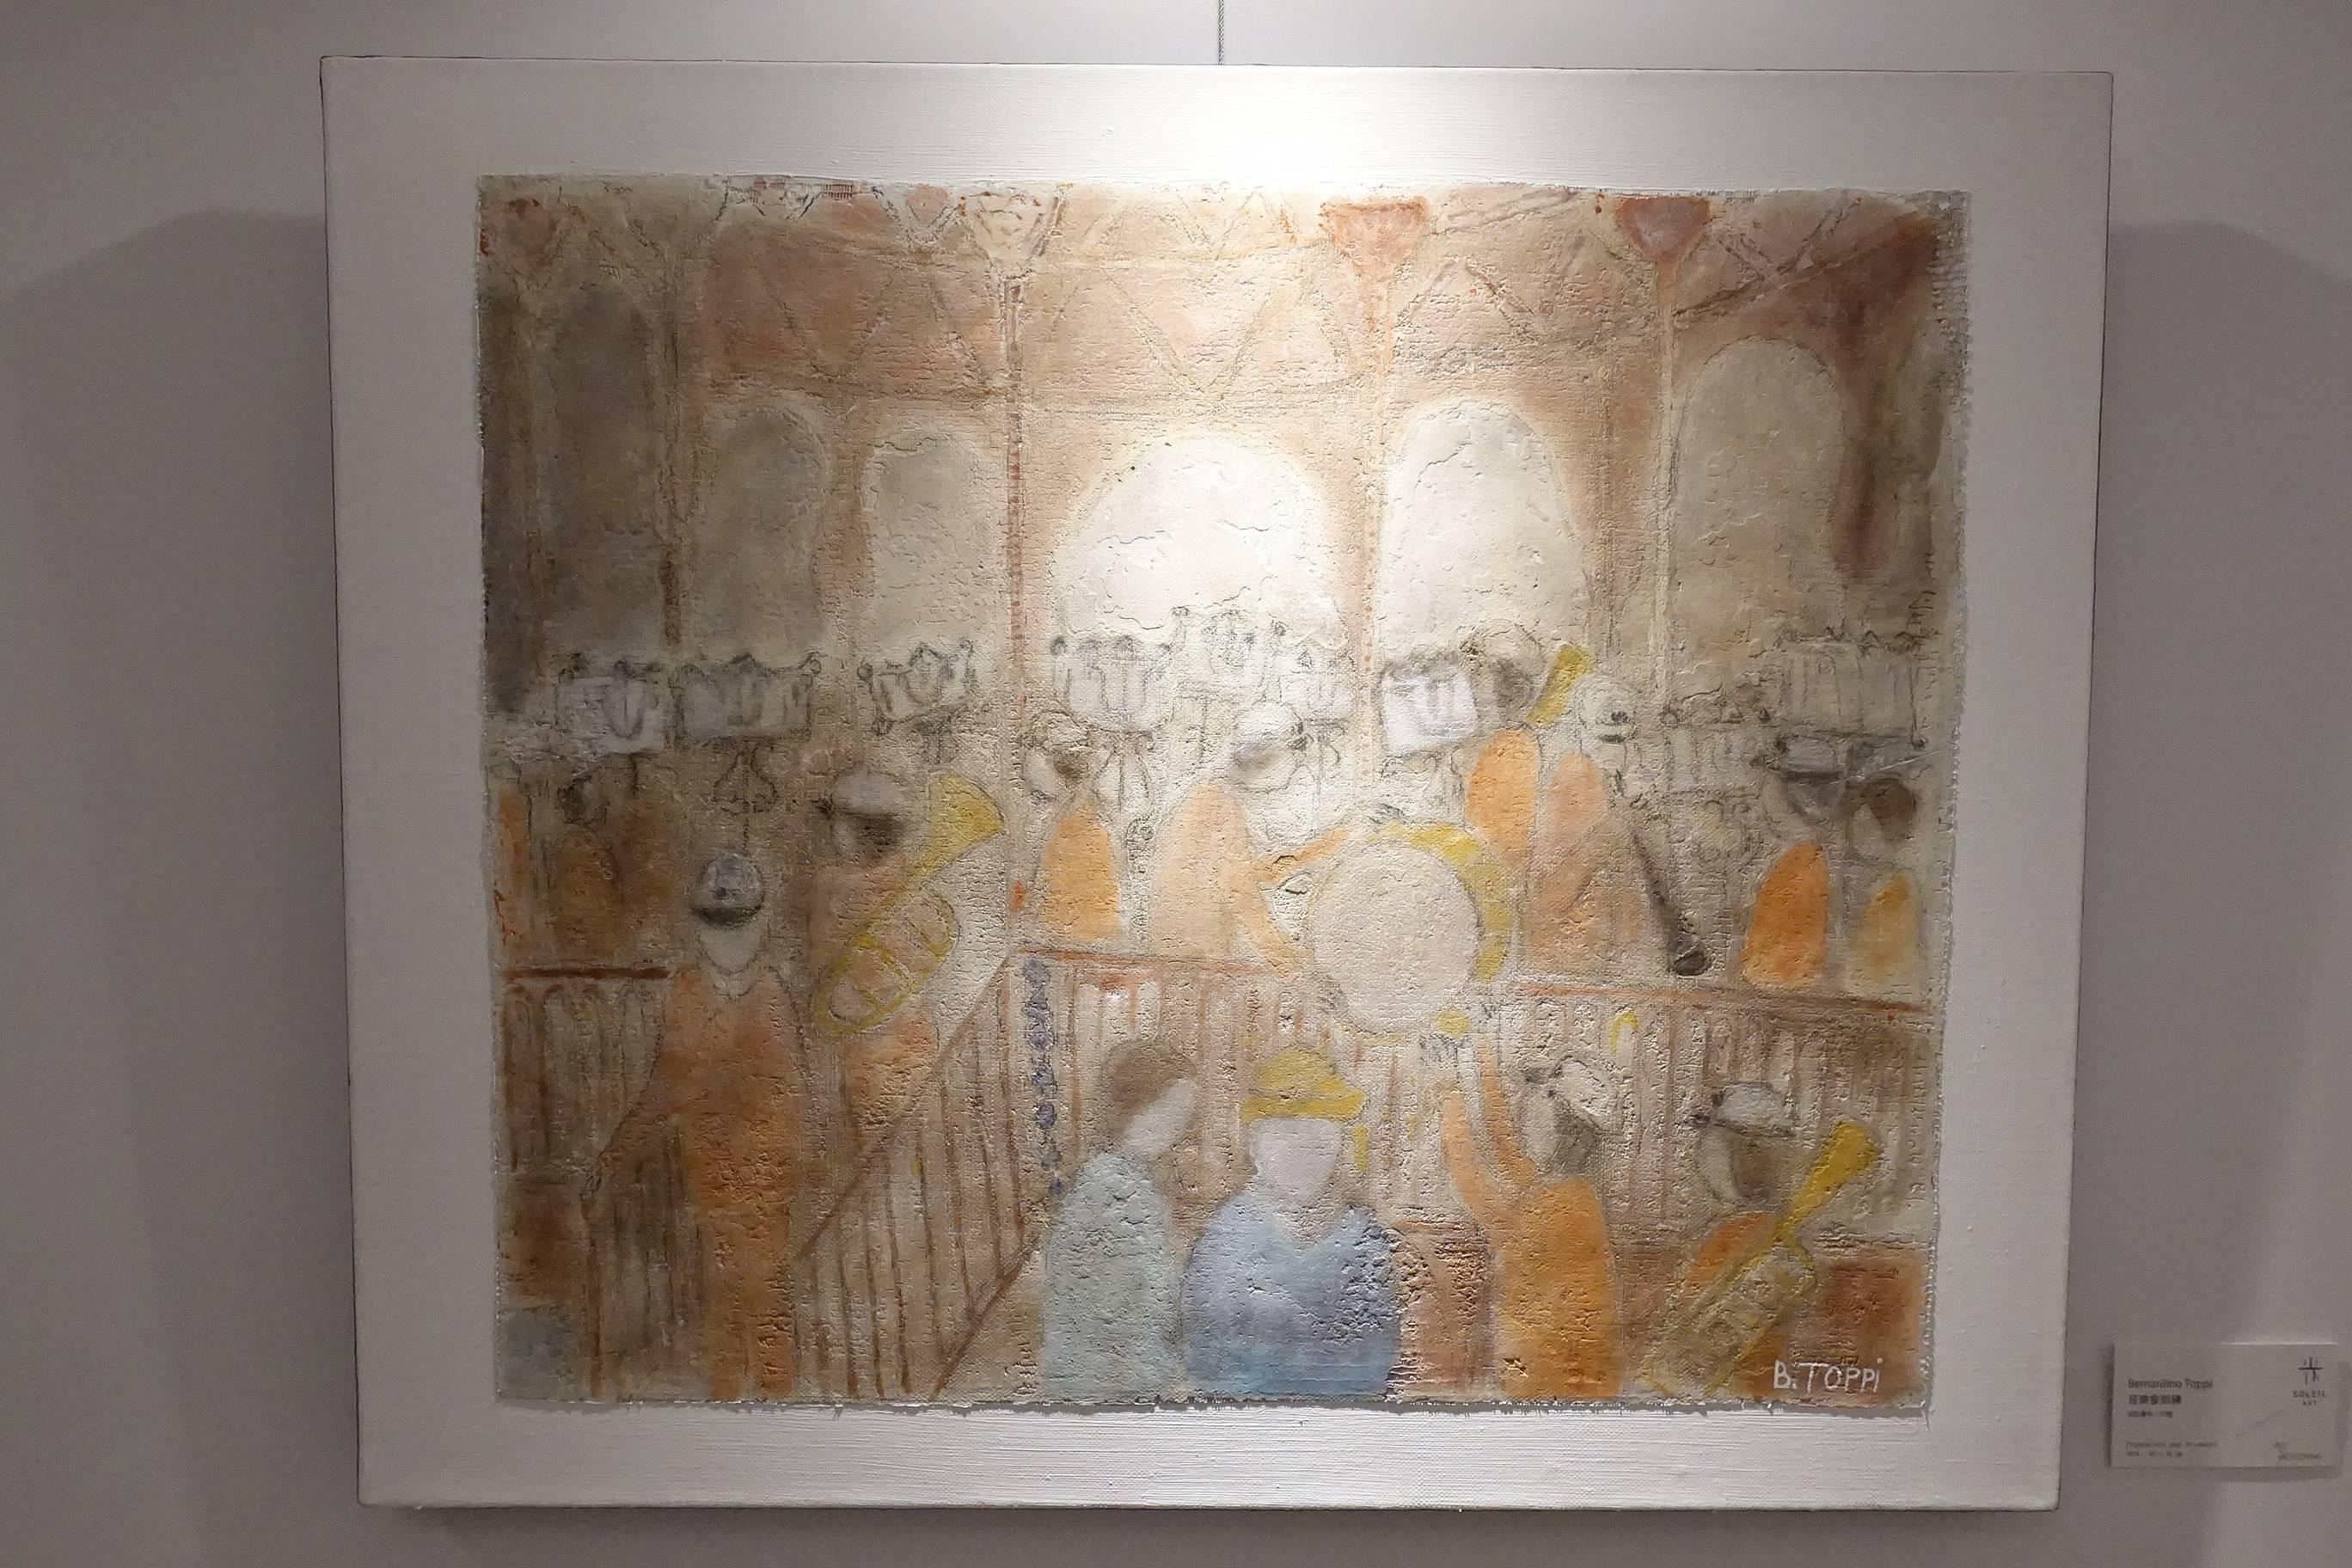 慕光藝術展出藝術家 -  Bernardivo Toppi《音樂會排練》,46 x 54 cm,油彩畫布,2018。